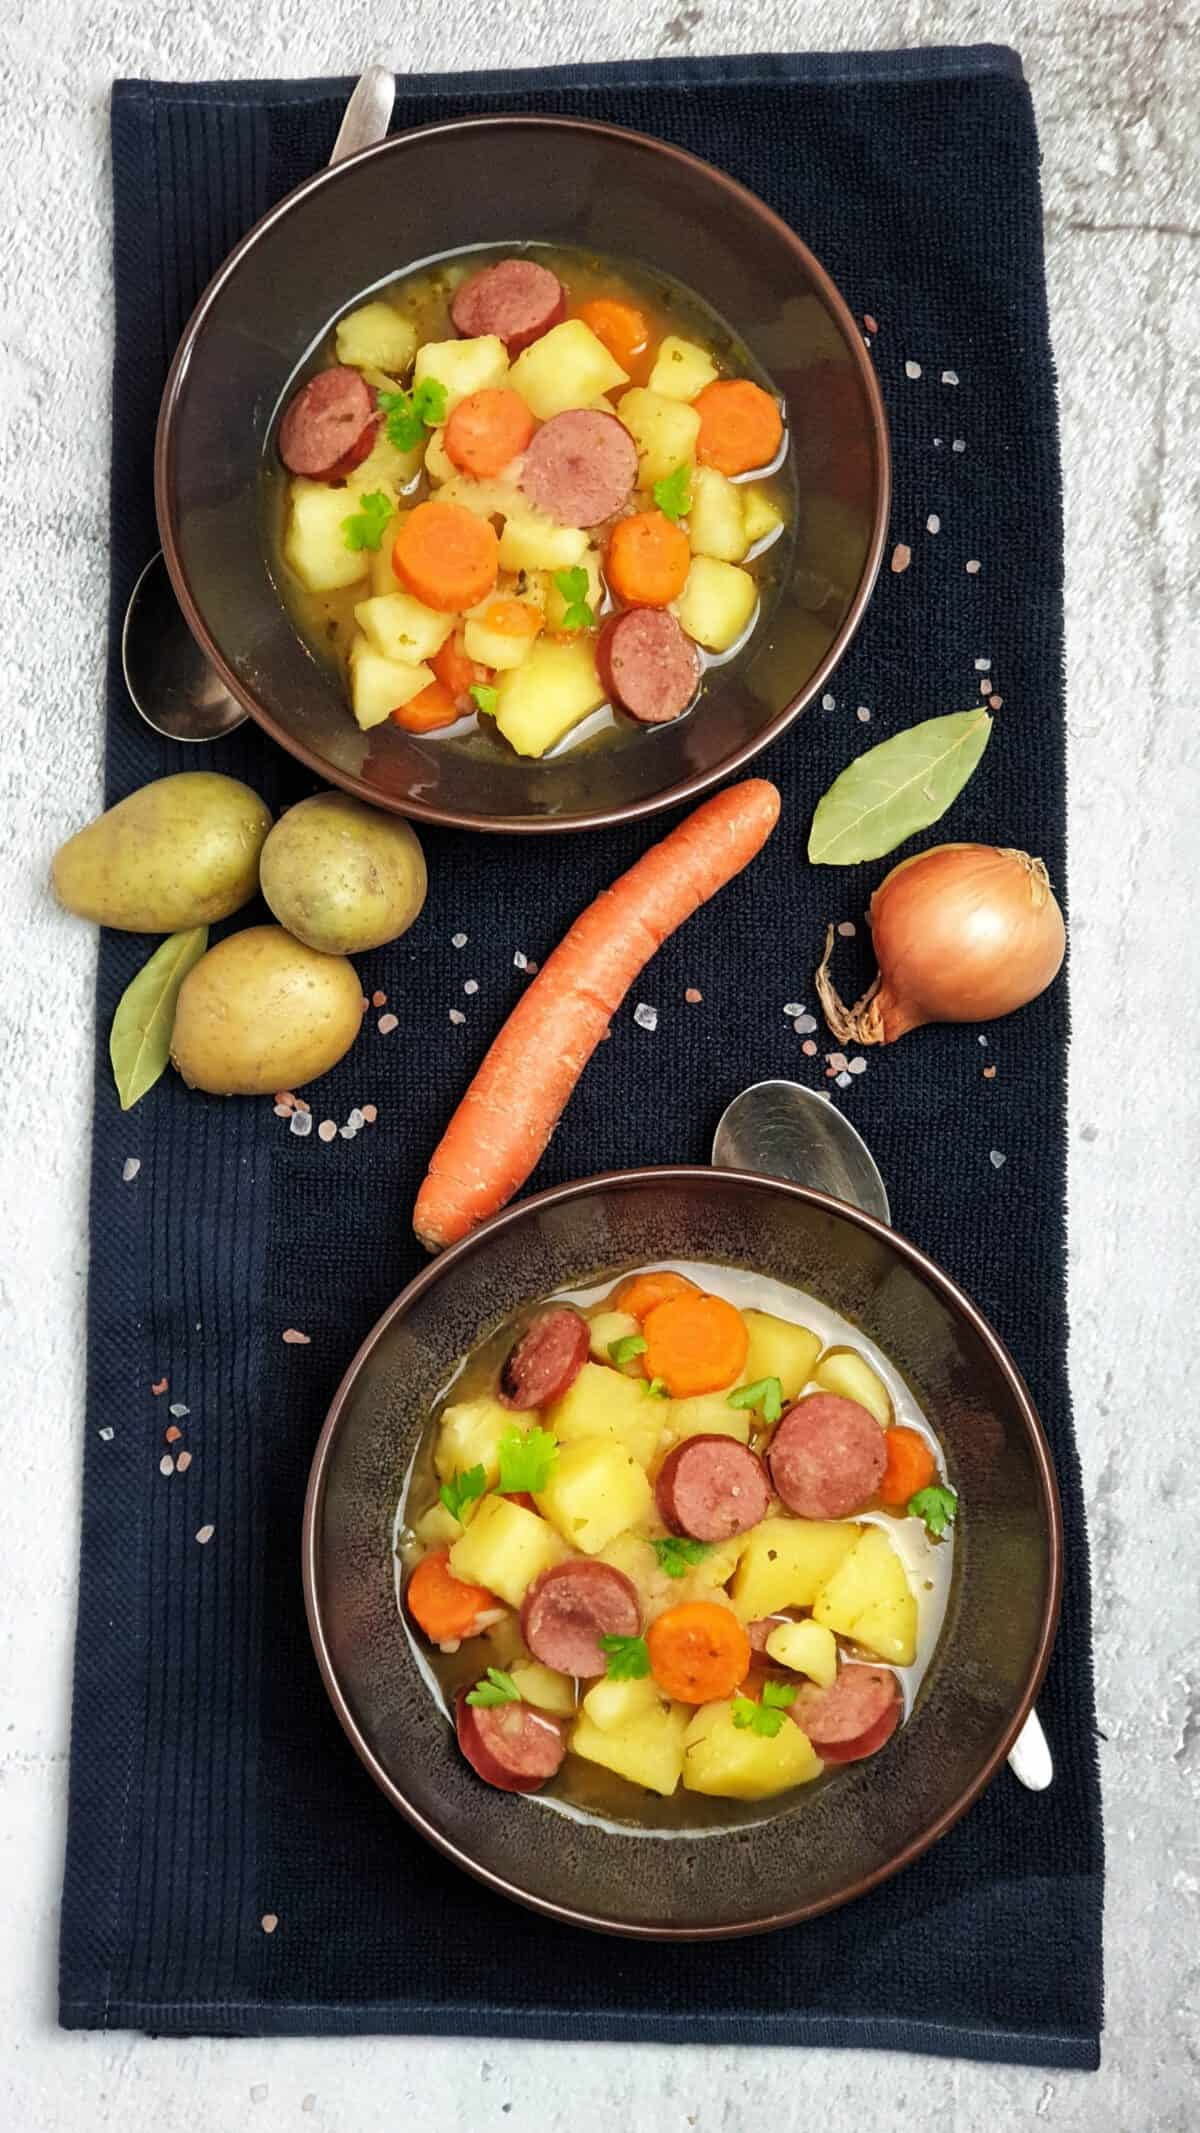 Zwei braune Schalen mit Kartoffel-Möhren-Wurst Eintopf auf einem Küchenhandtuch. Dazwischen Deko. Neben den Schalen Löffel.